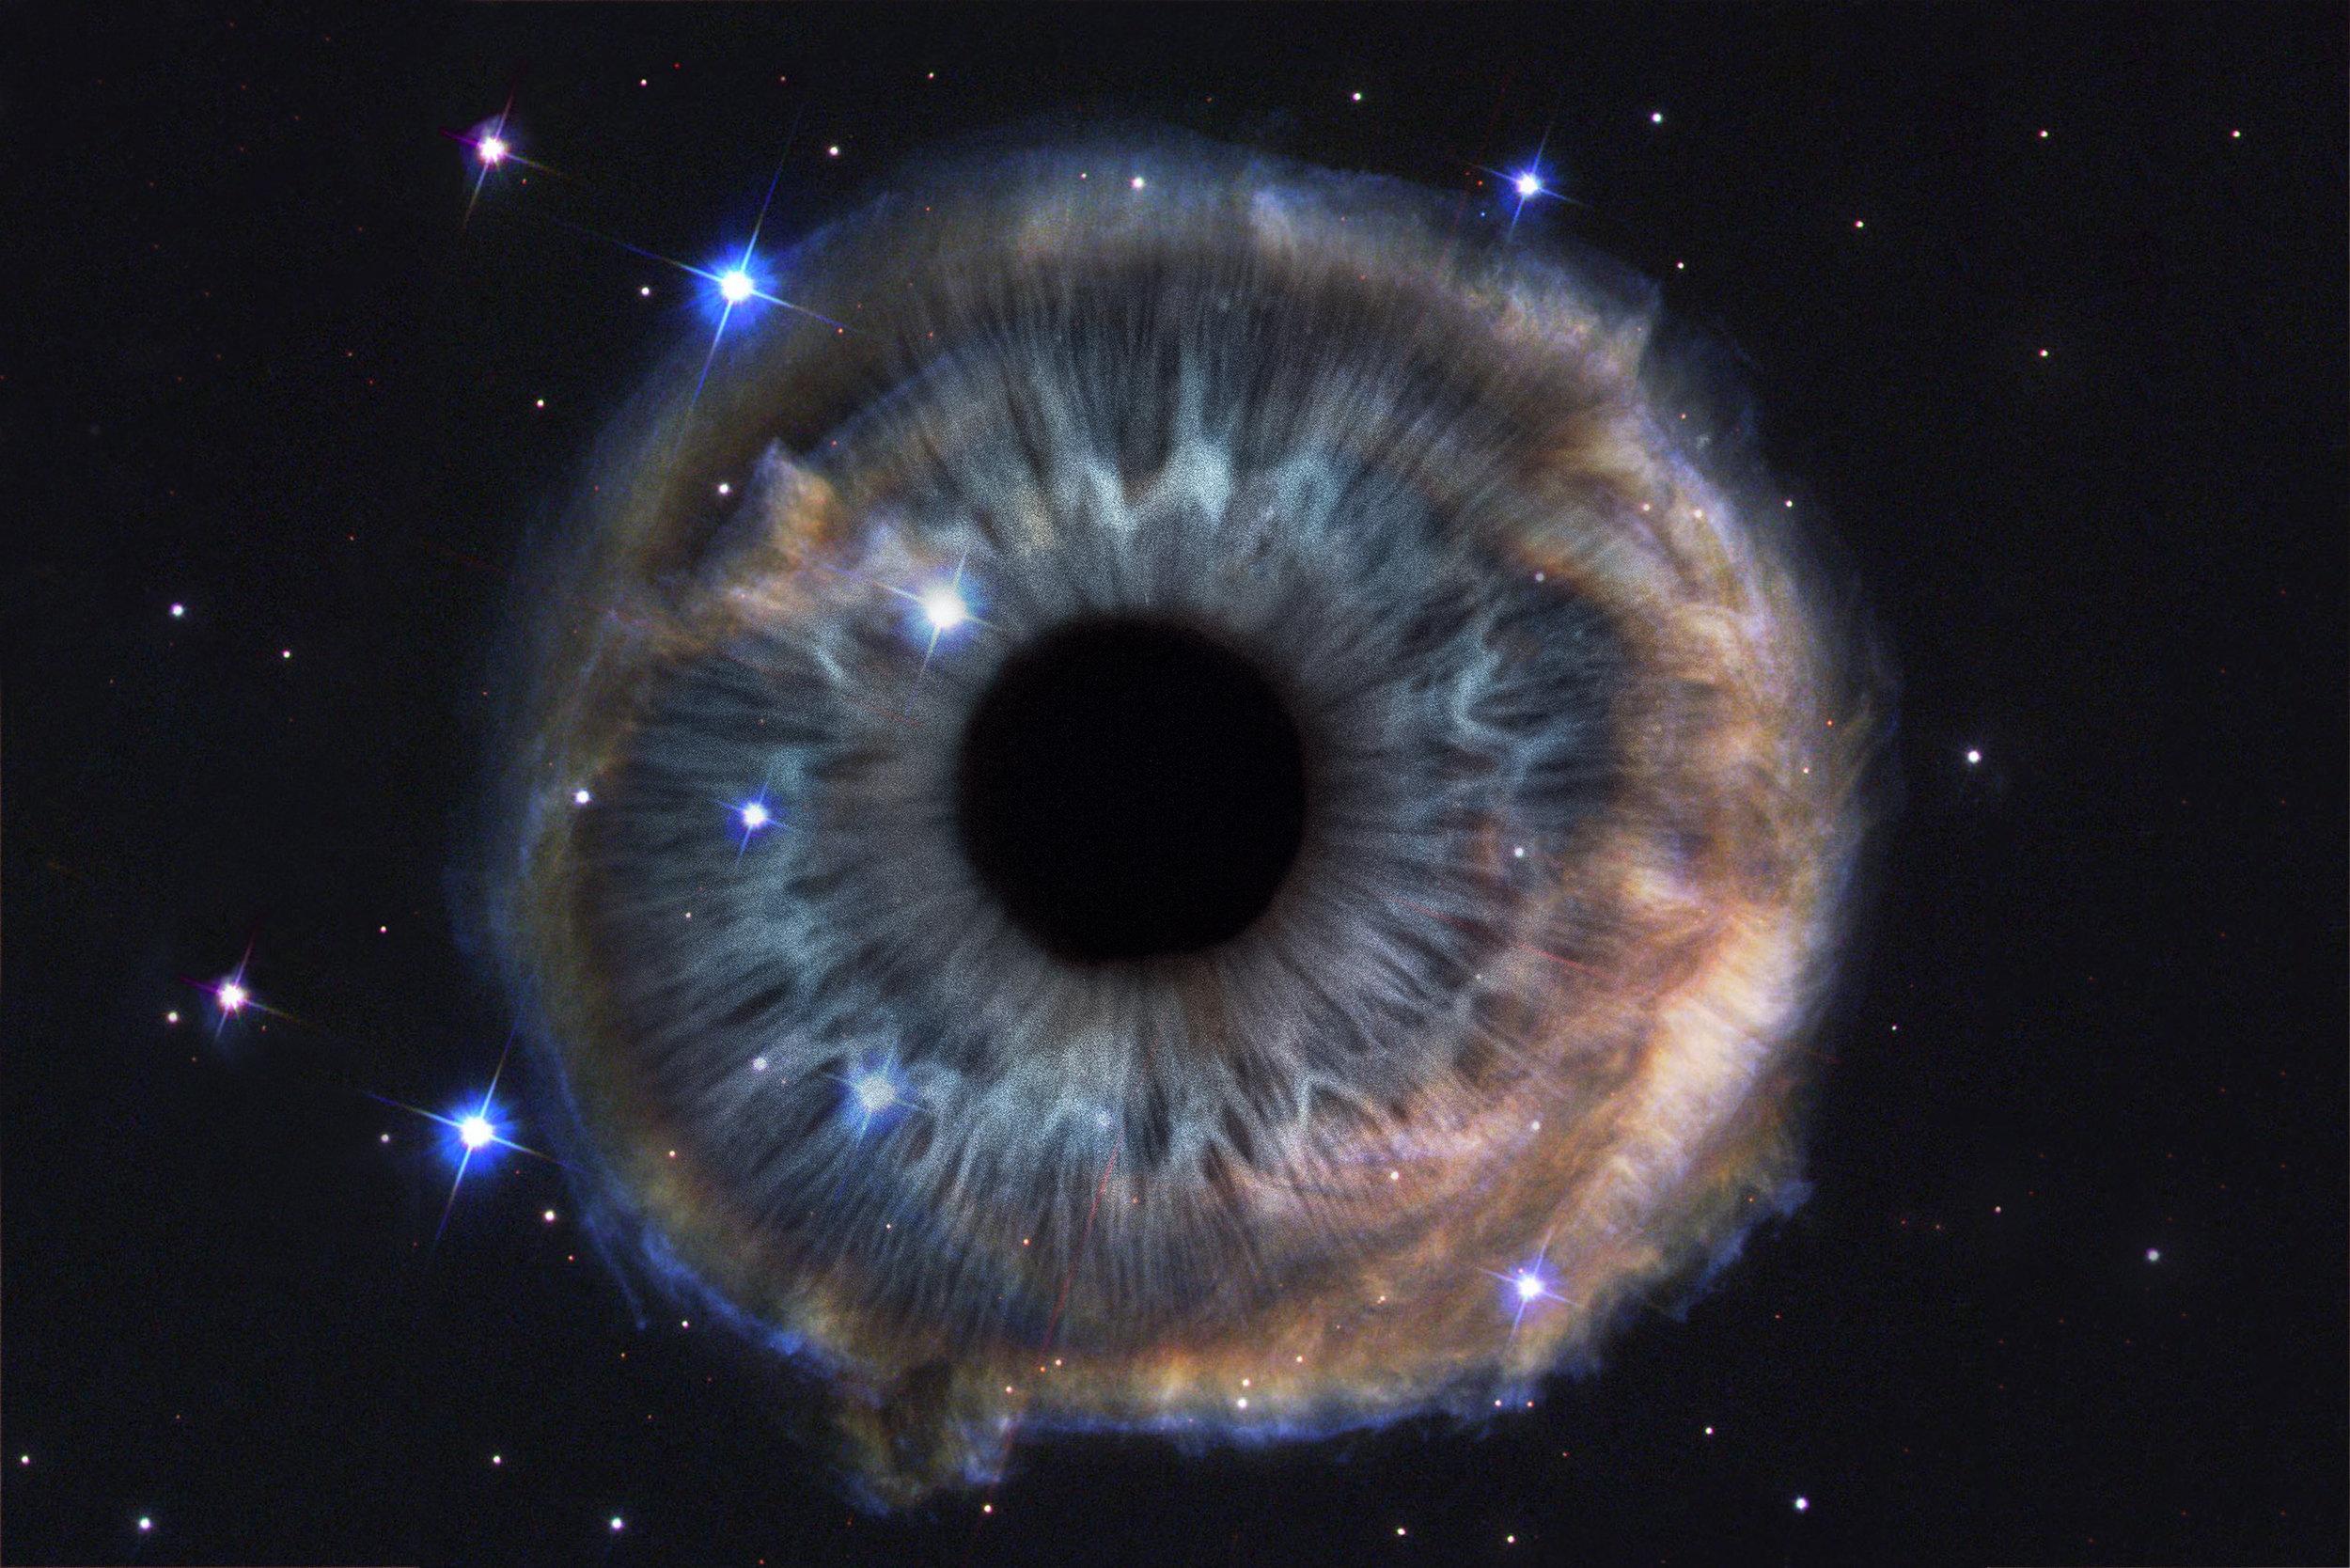 cosmic-eye-3.jpg